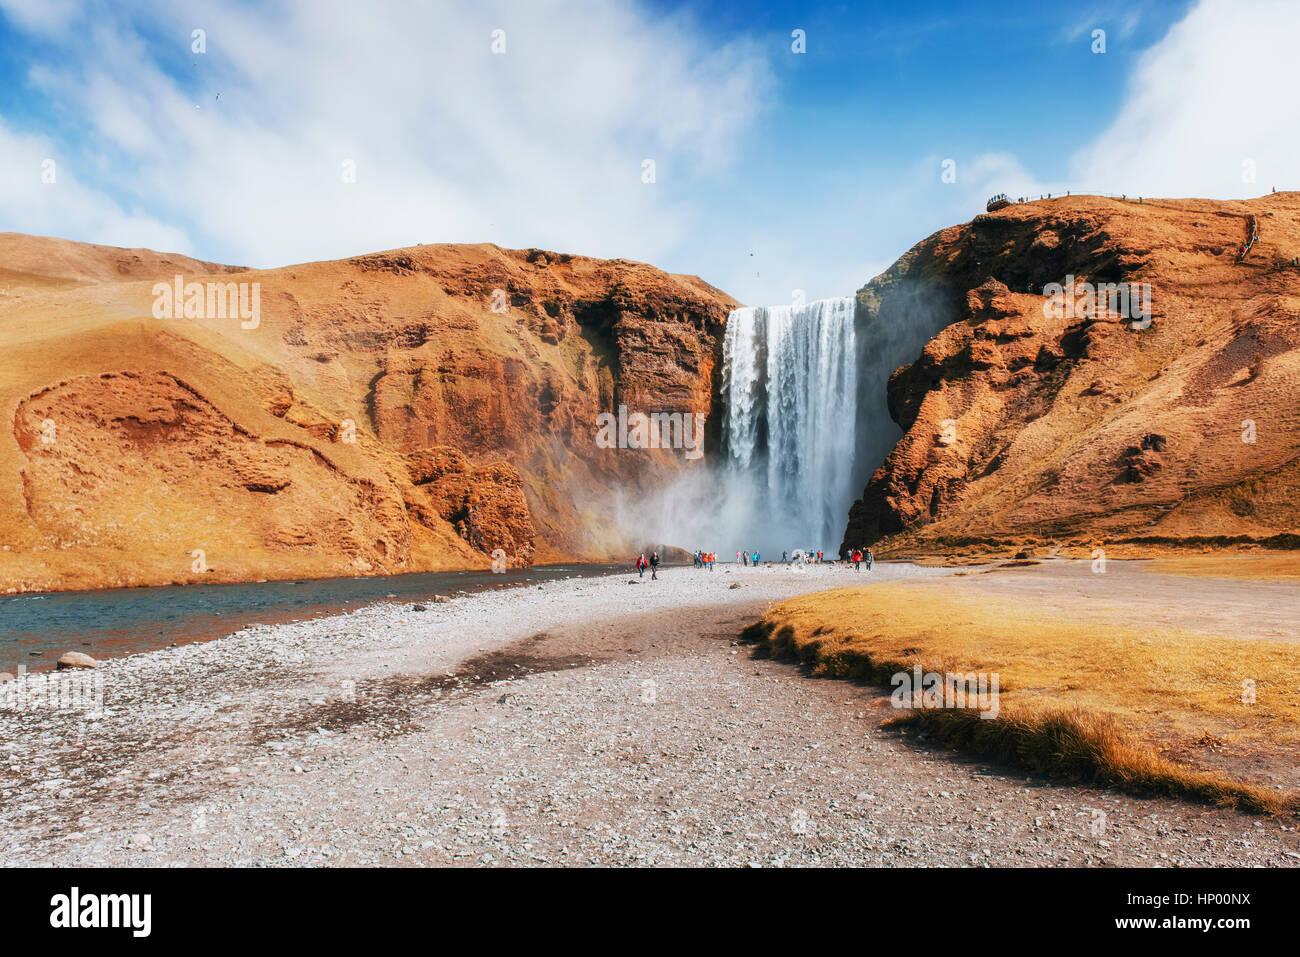 Grande cascade Skogafoss dans sud de l'Islande près de Photo Stock